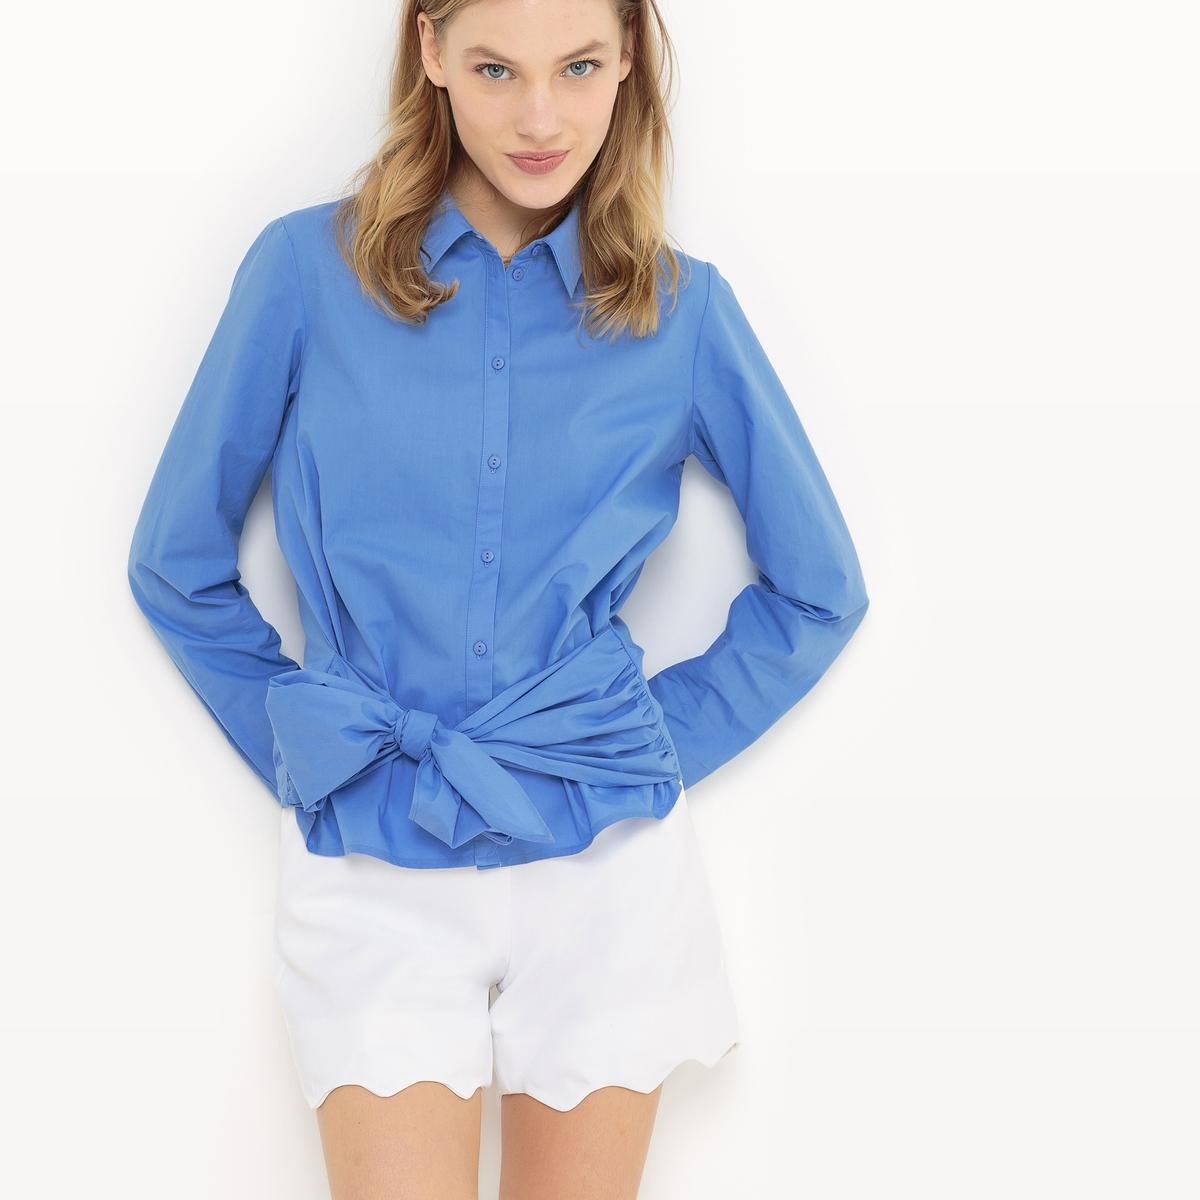 Рубашка прямого покроя из хлопкаДетали   •  Длинные рукава  •  Прямой покрой  •  Воротник-поло, рубашечный Состав и уход  •  100% хлопок  •  Просьба следовать советам по уходу, указанным на этикетке изделия<br><br>Цвет: синий